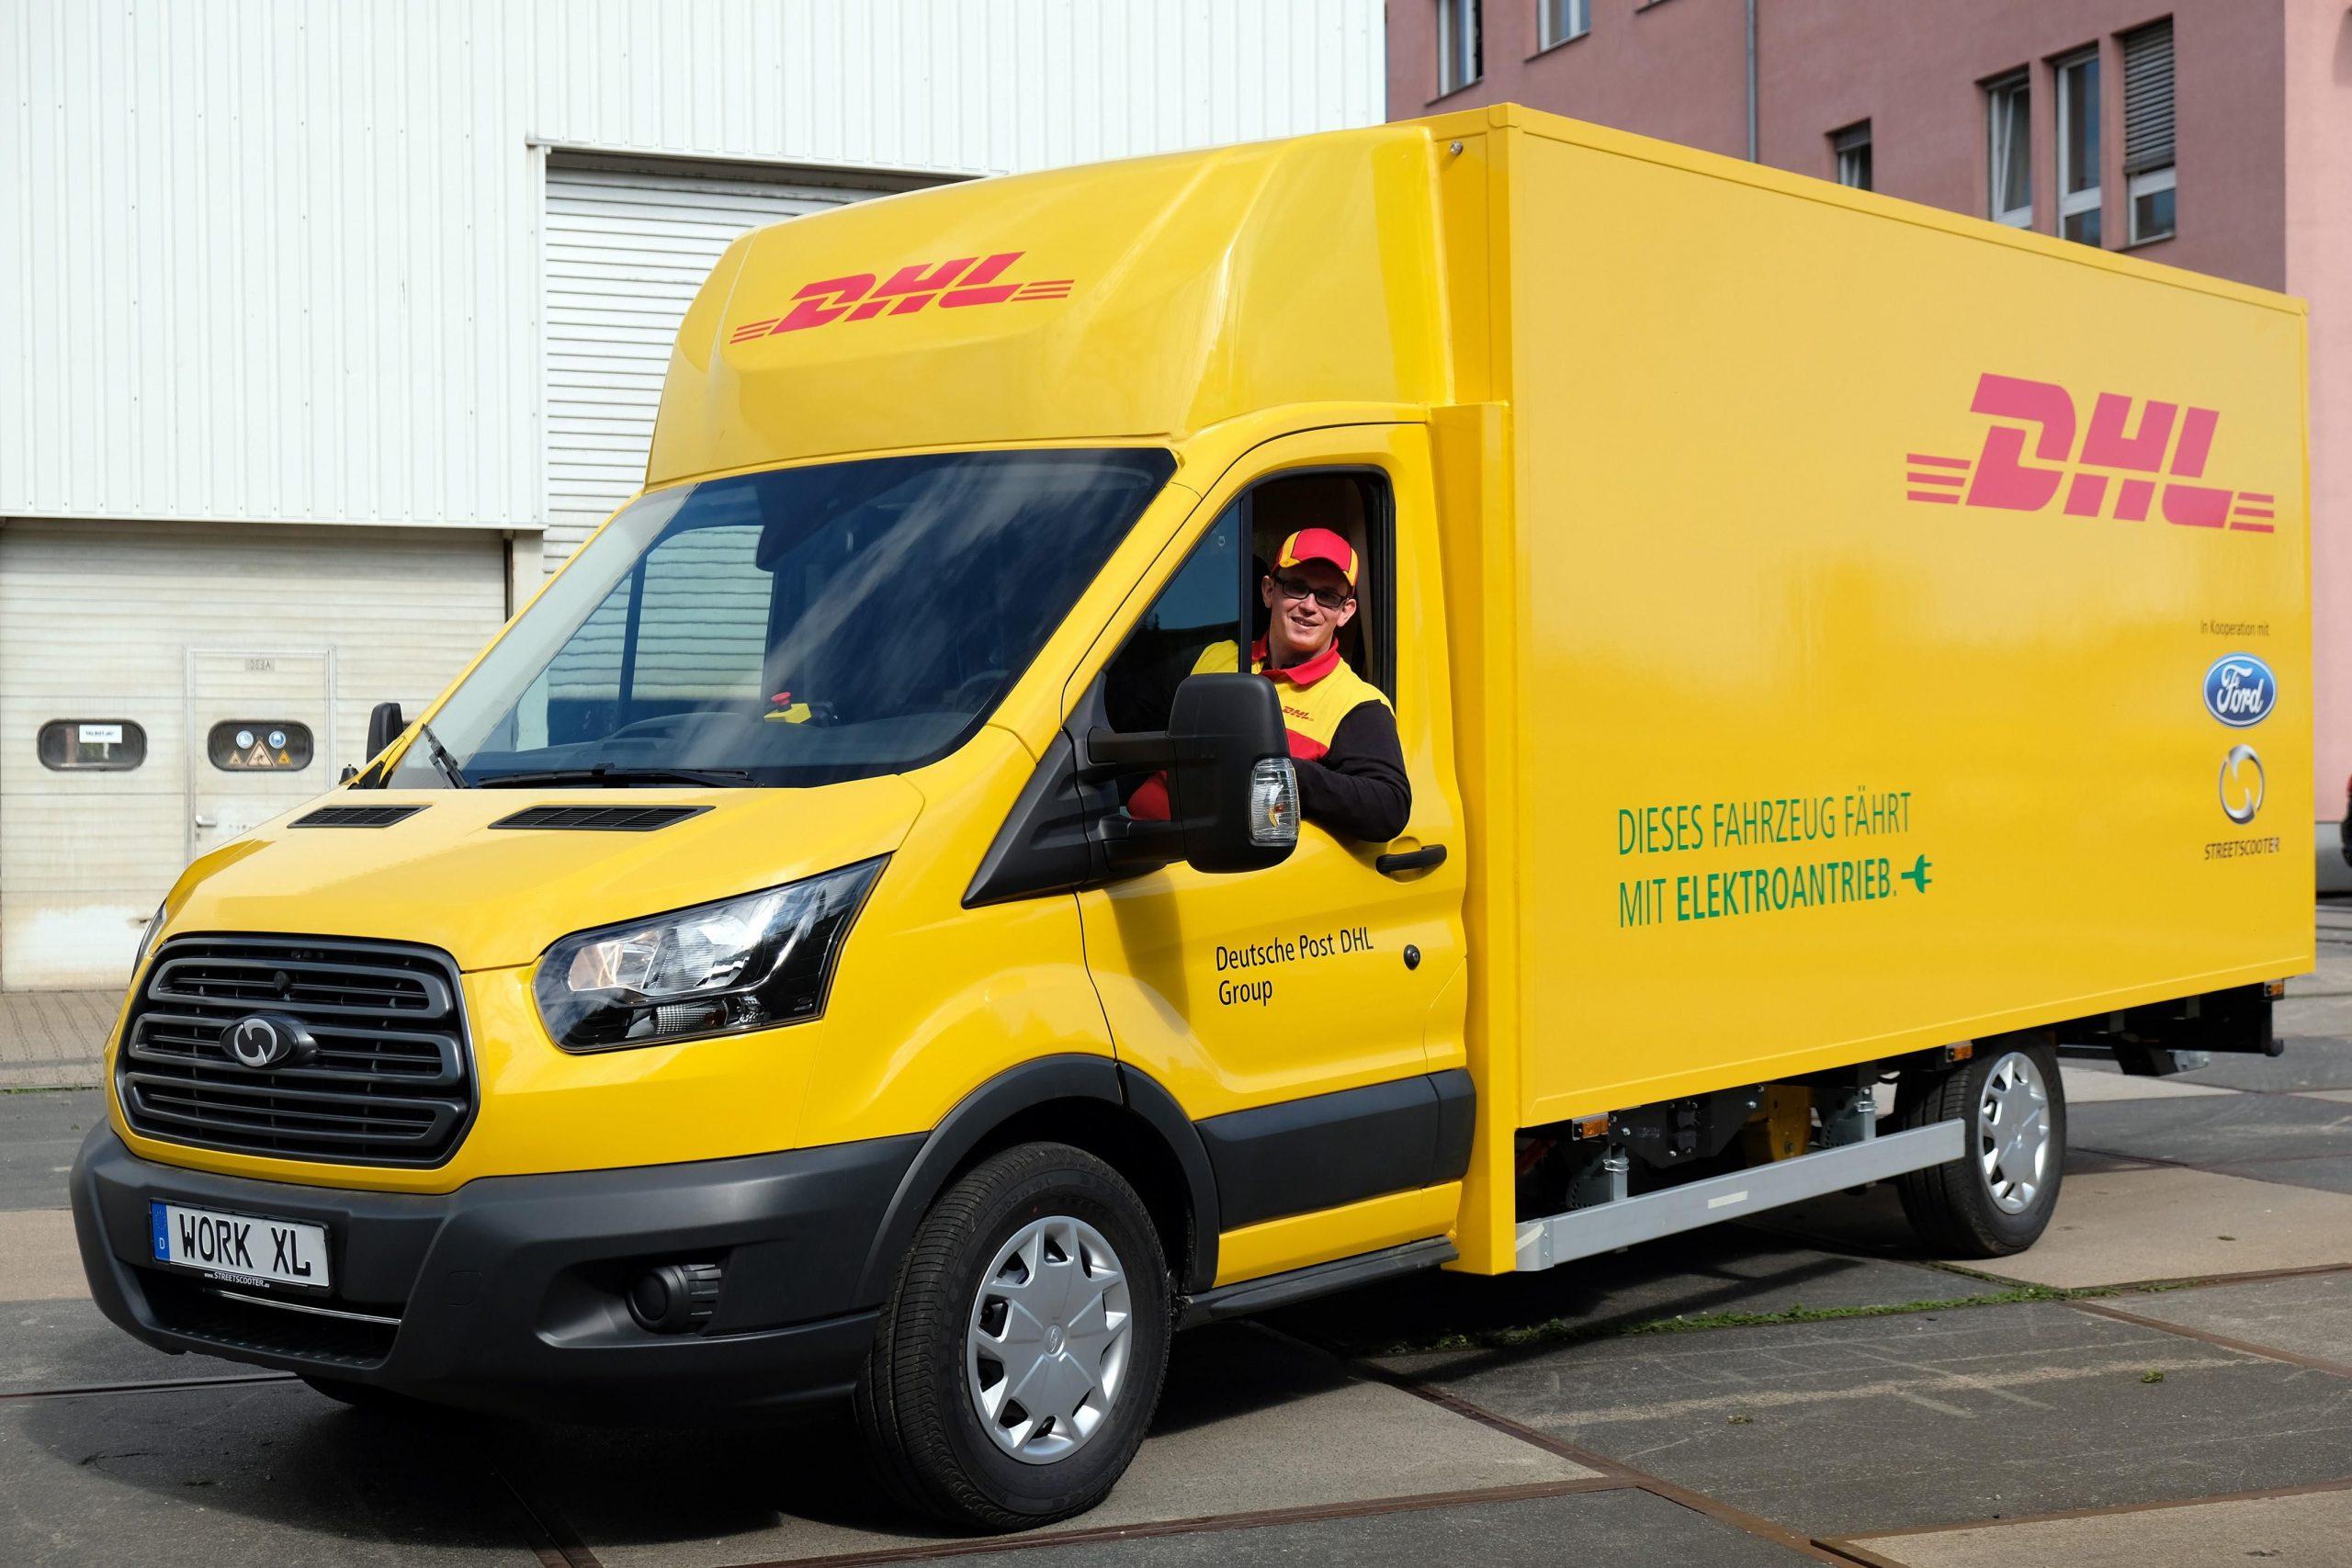 chuyển phát nhanh DHL là gì?